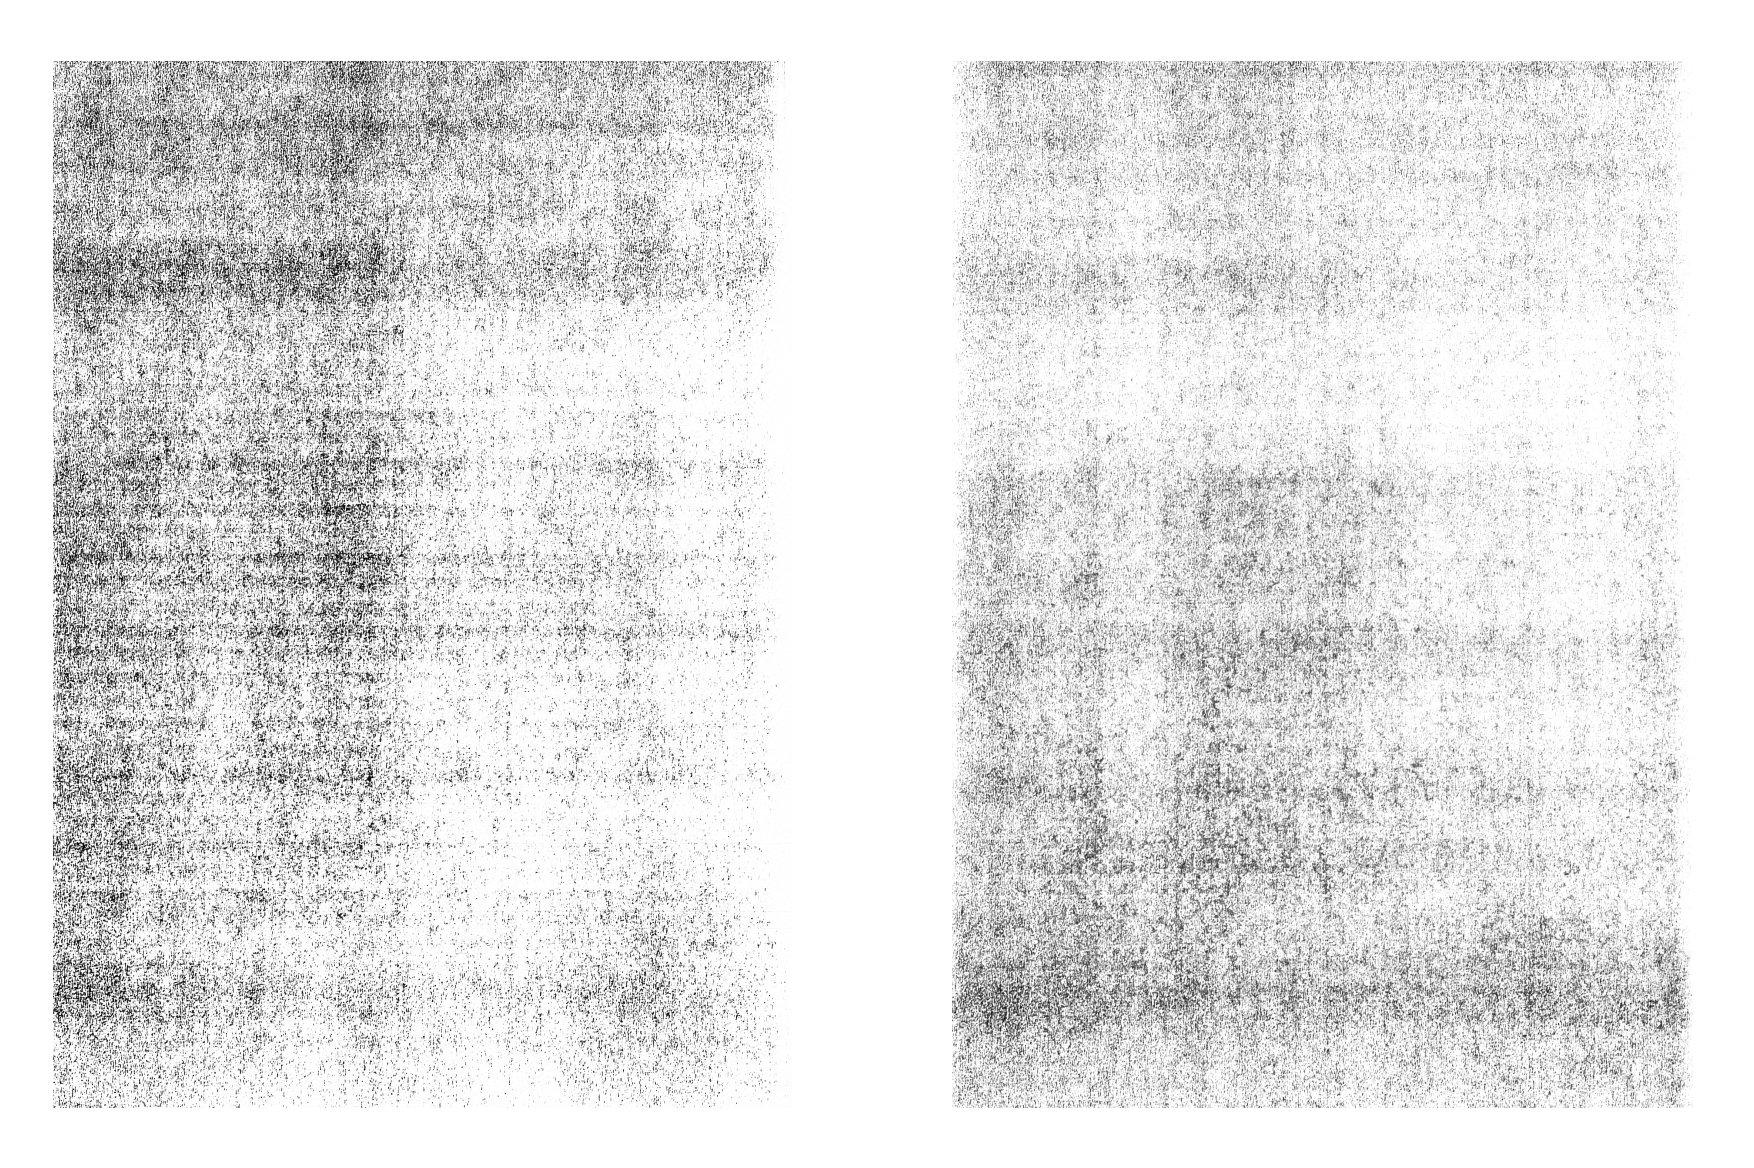 156款复古做旧折痕磨损褶皱纸张背景纹理素材合集 The Grunge Texture Bundle Vol. 1插图(78)